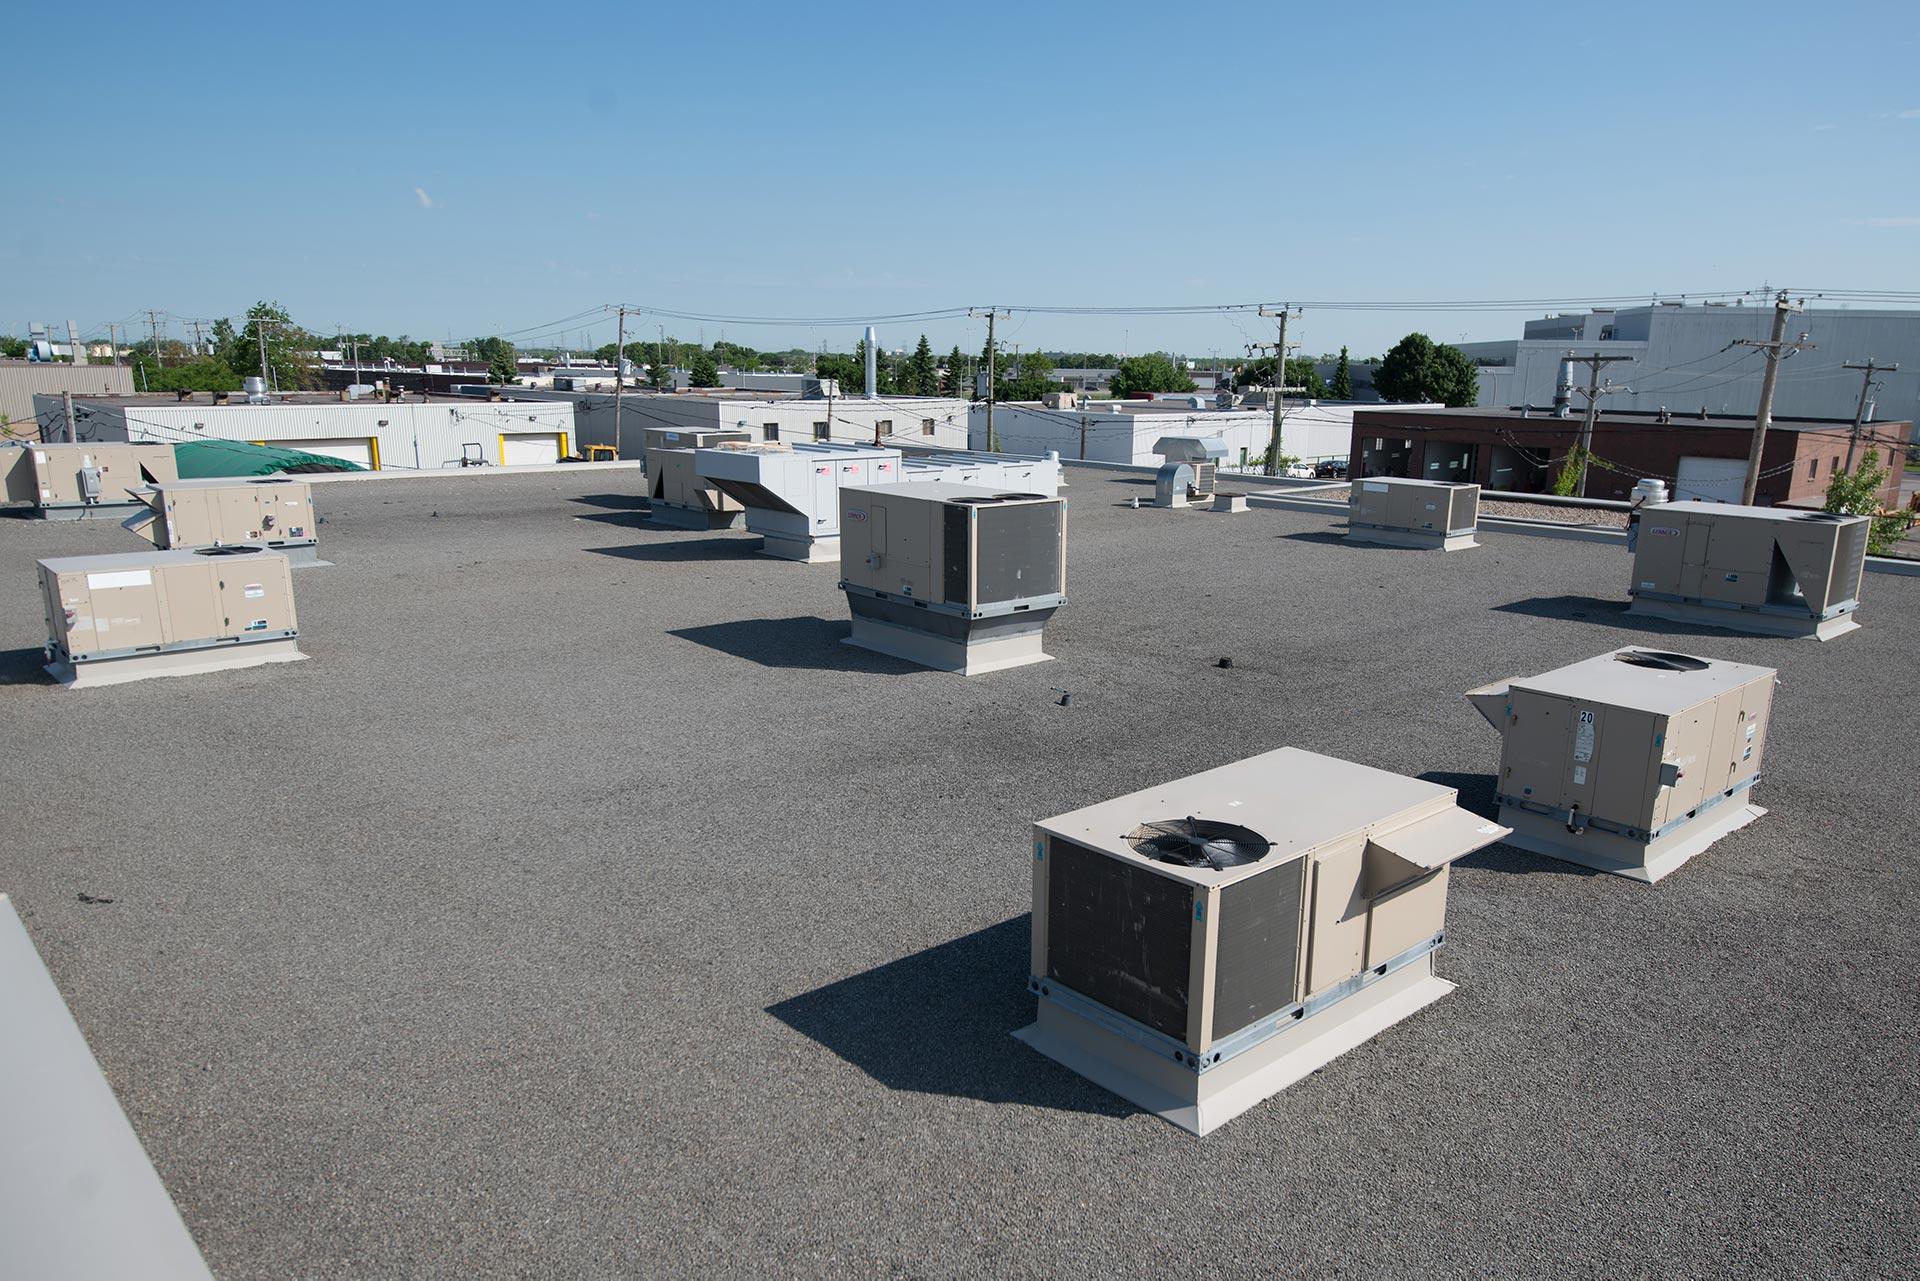 Systèmes monobloc de chauffage et climatisation – Fourni a/c et chauffage (Lennox, York, Trane)